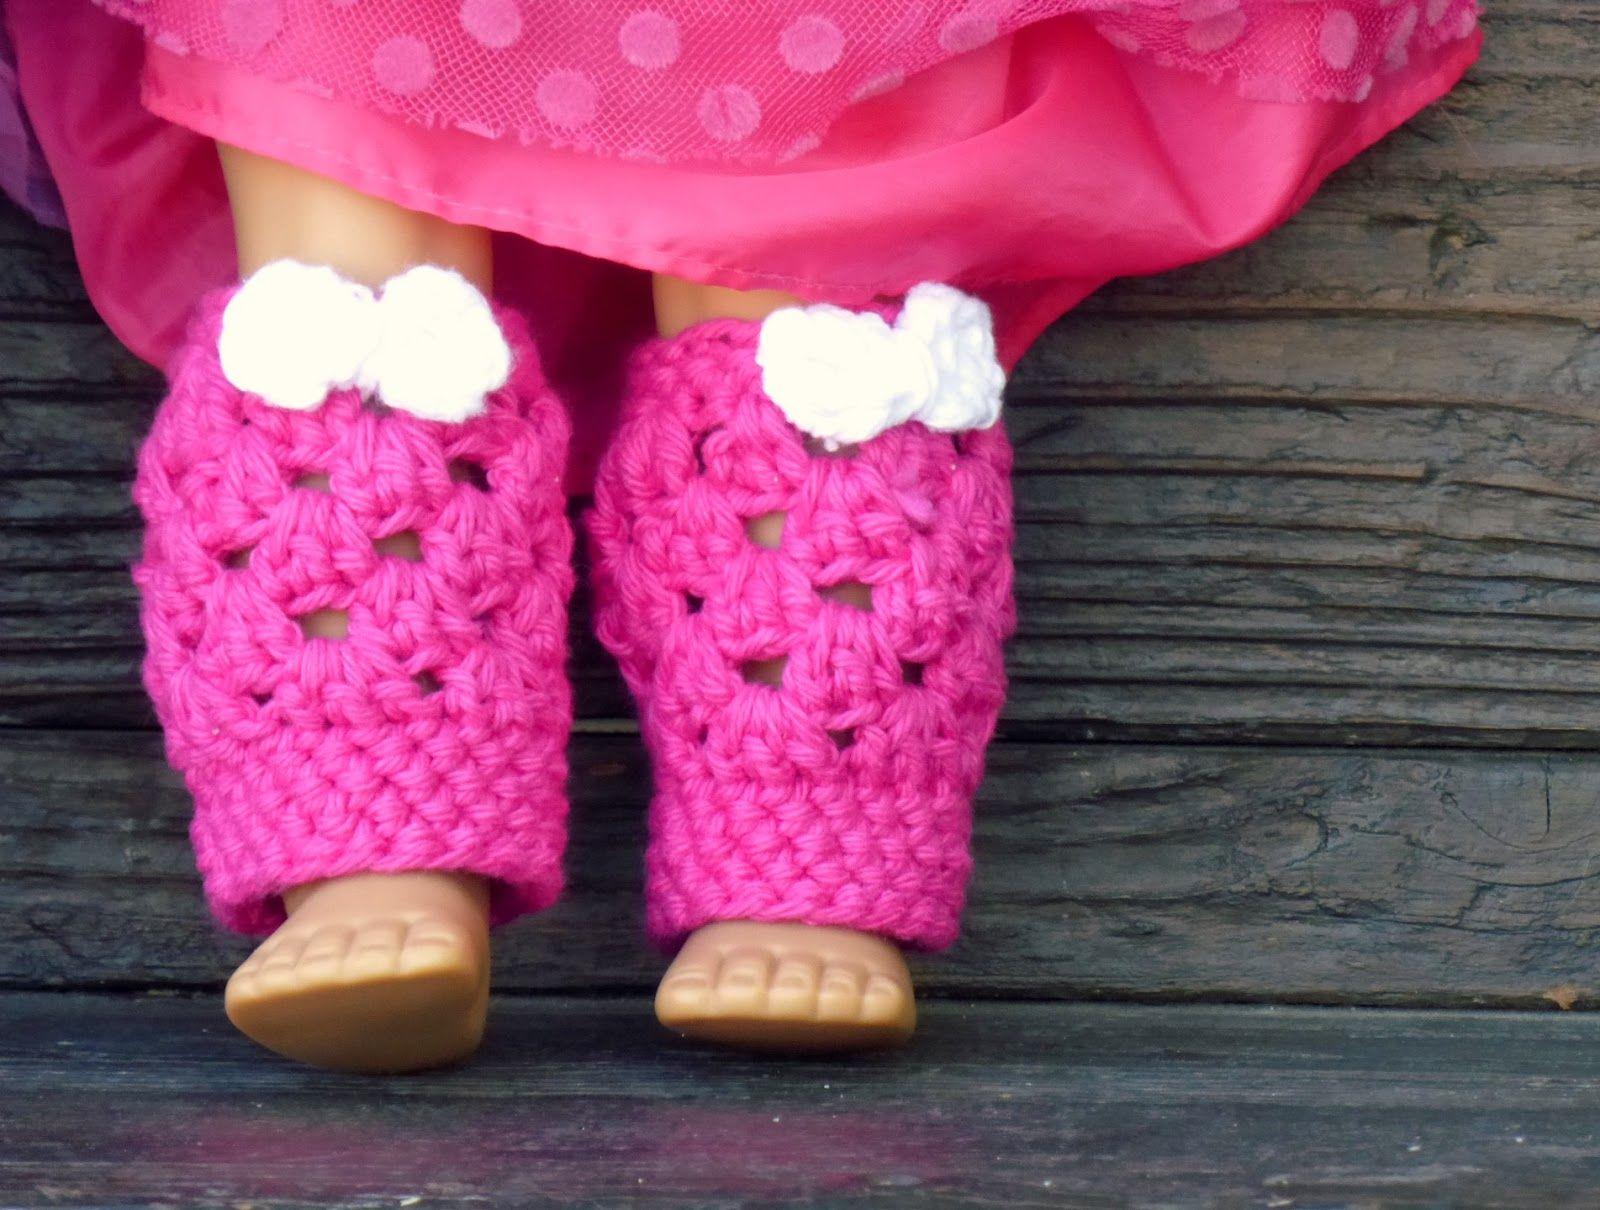 Free crochet leg warmers pattern boot cuffs american girl doll free crochet leg warmers pattern boot cuffs american girl doll bankloansurffo Choice Image